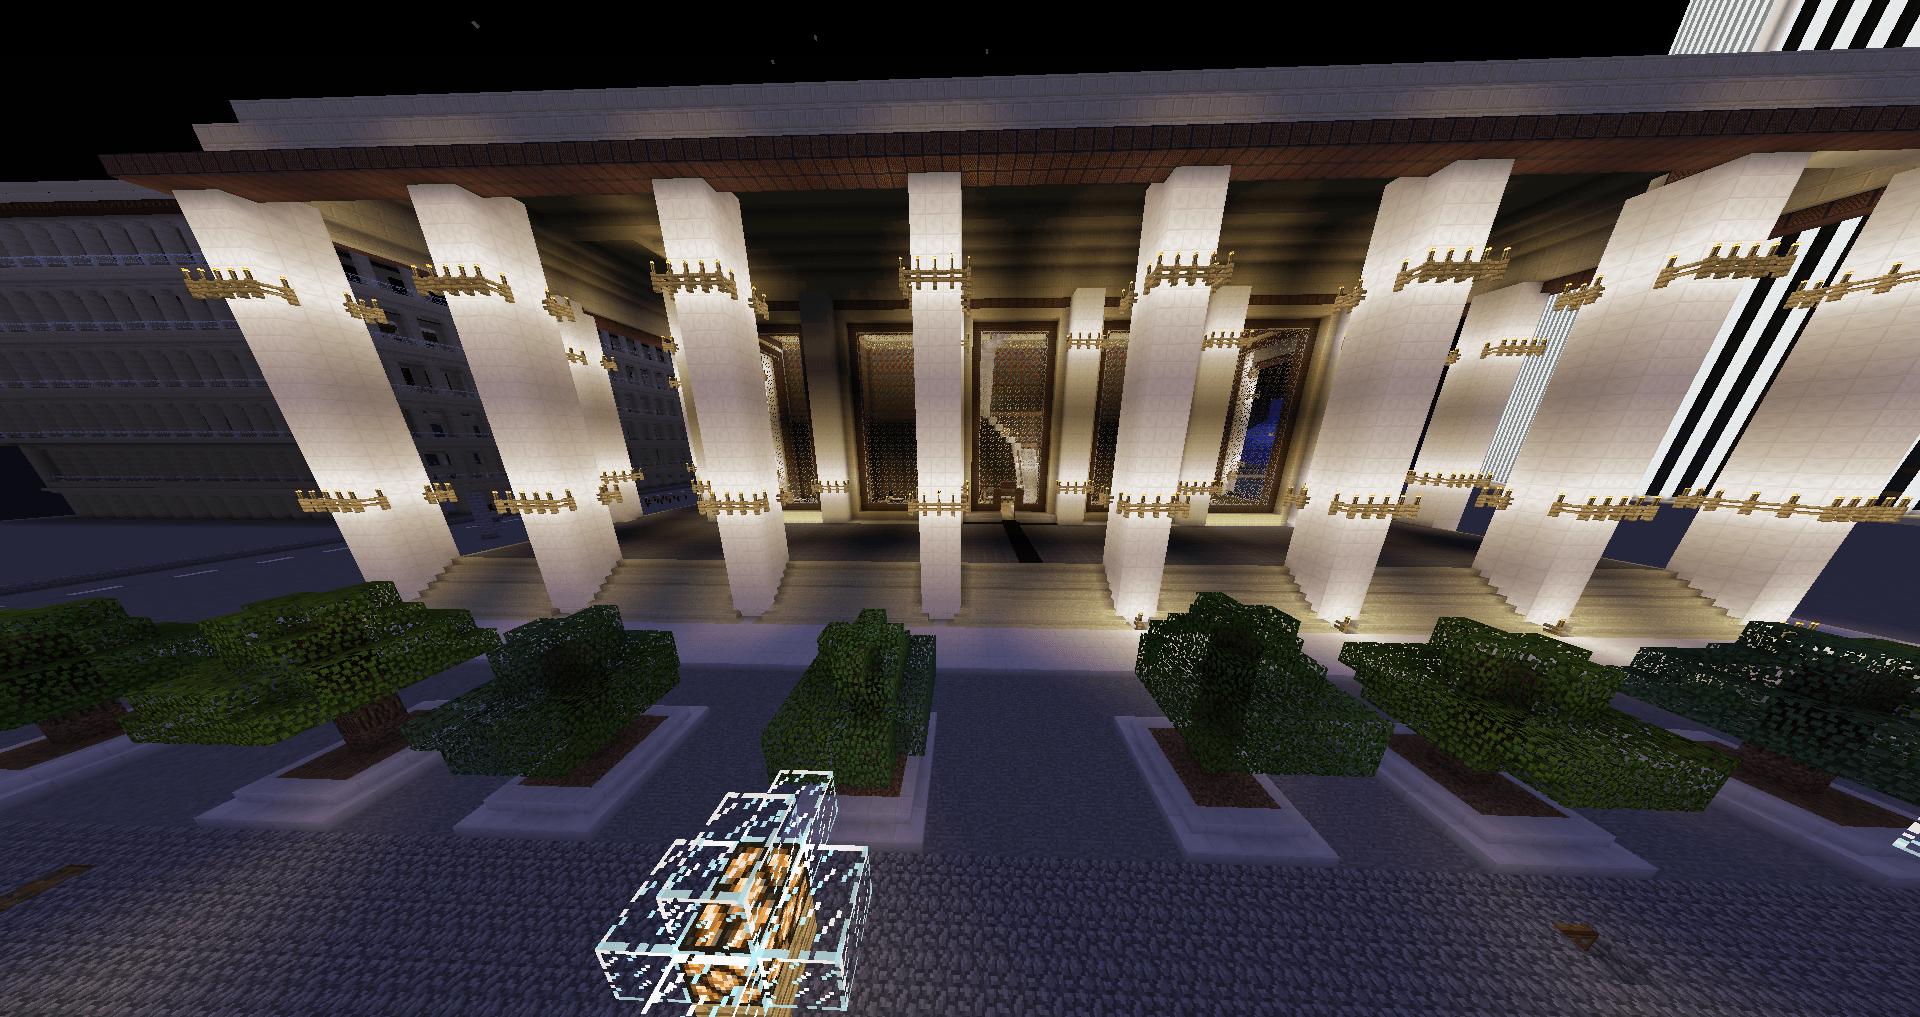 Mittelalter Bauideen Archive MinecraftBauideende - Minecraft aubergewohnliche hauser